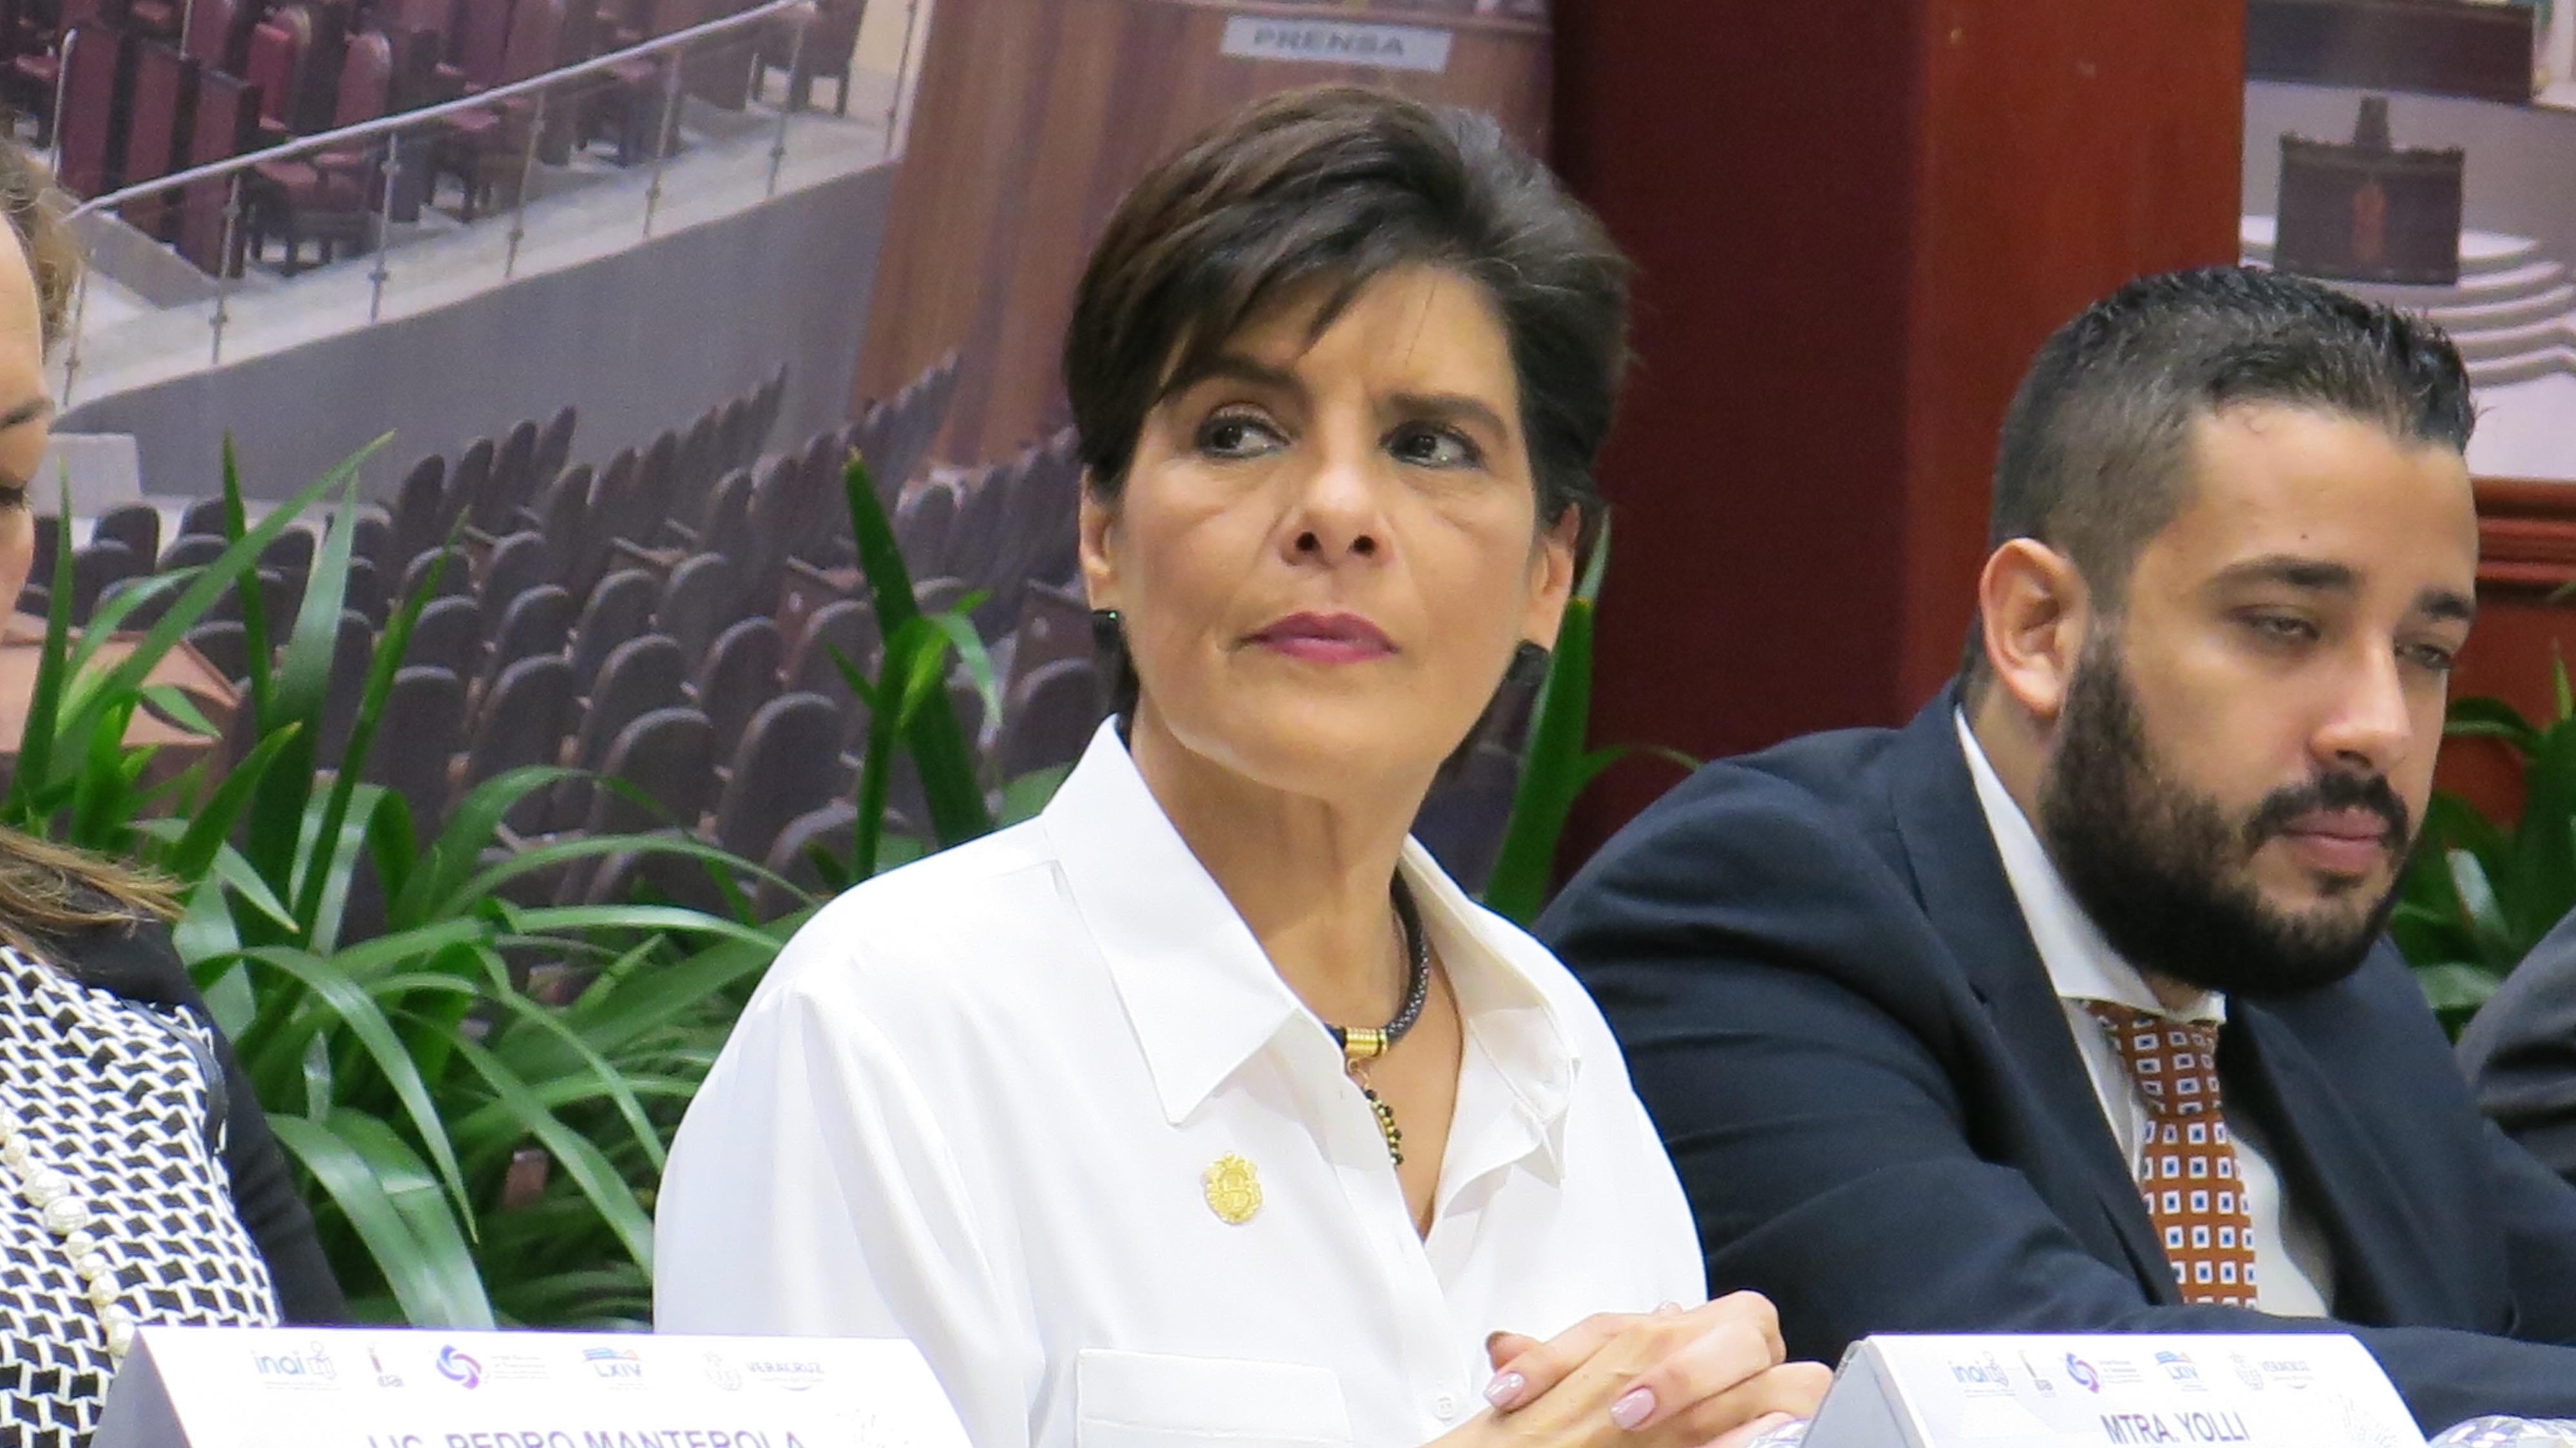 Juicio de procedencia en contra de Eva Cadena es por solicitud de FGE: Manterola Sainz